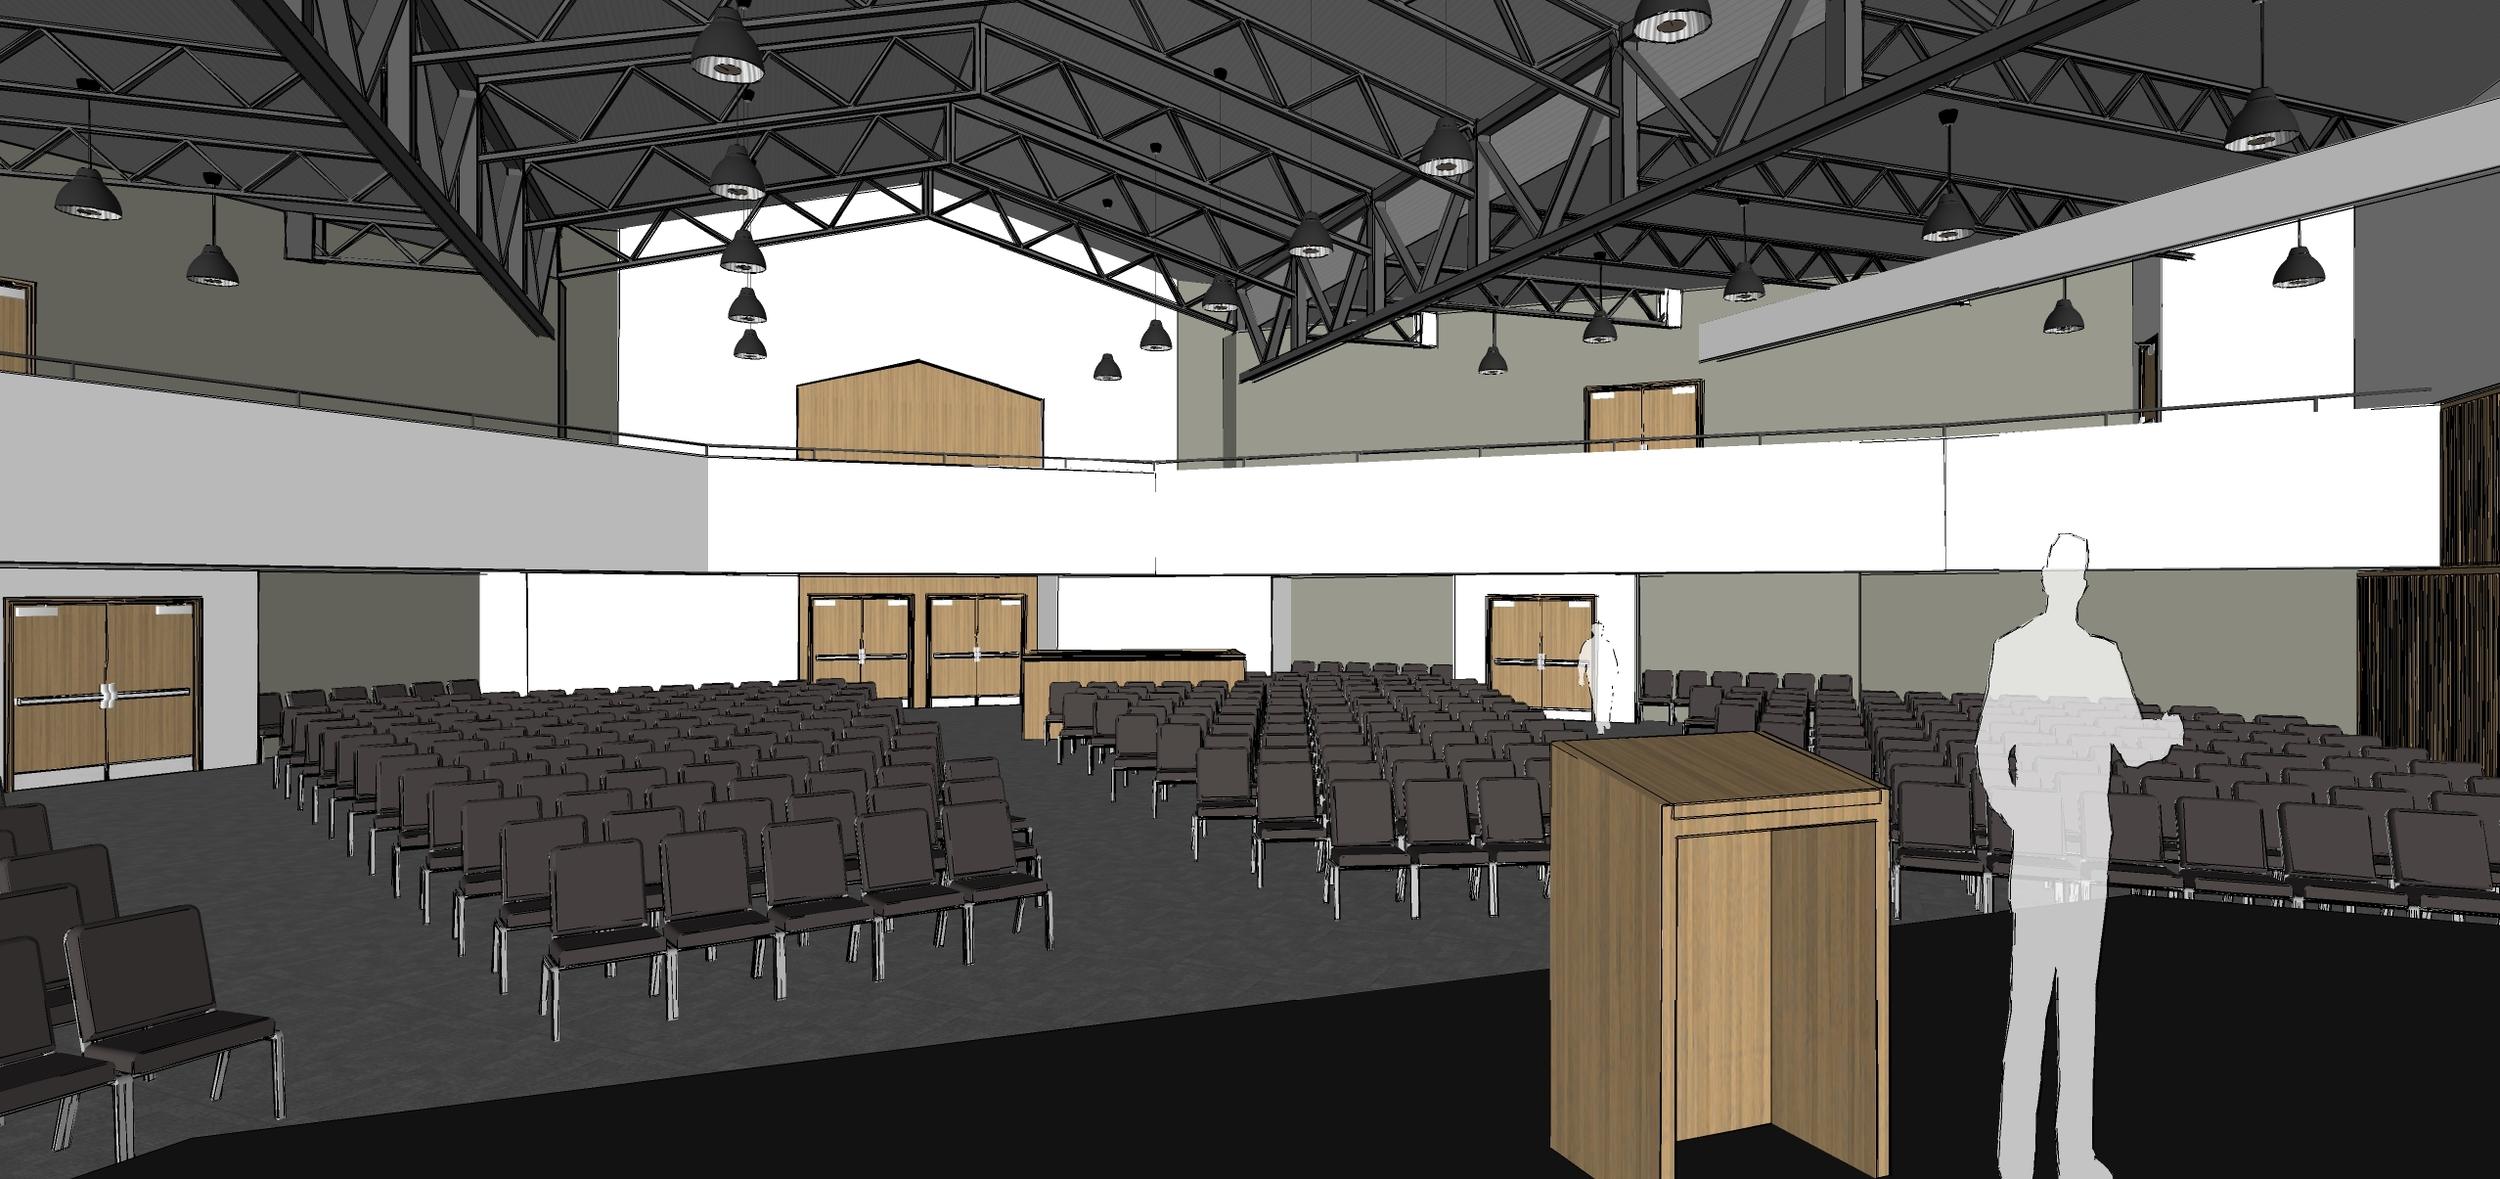 Auditorium - East.jpg